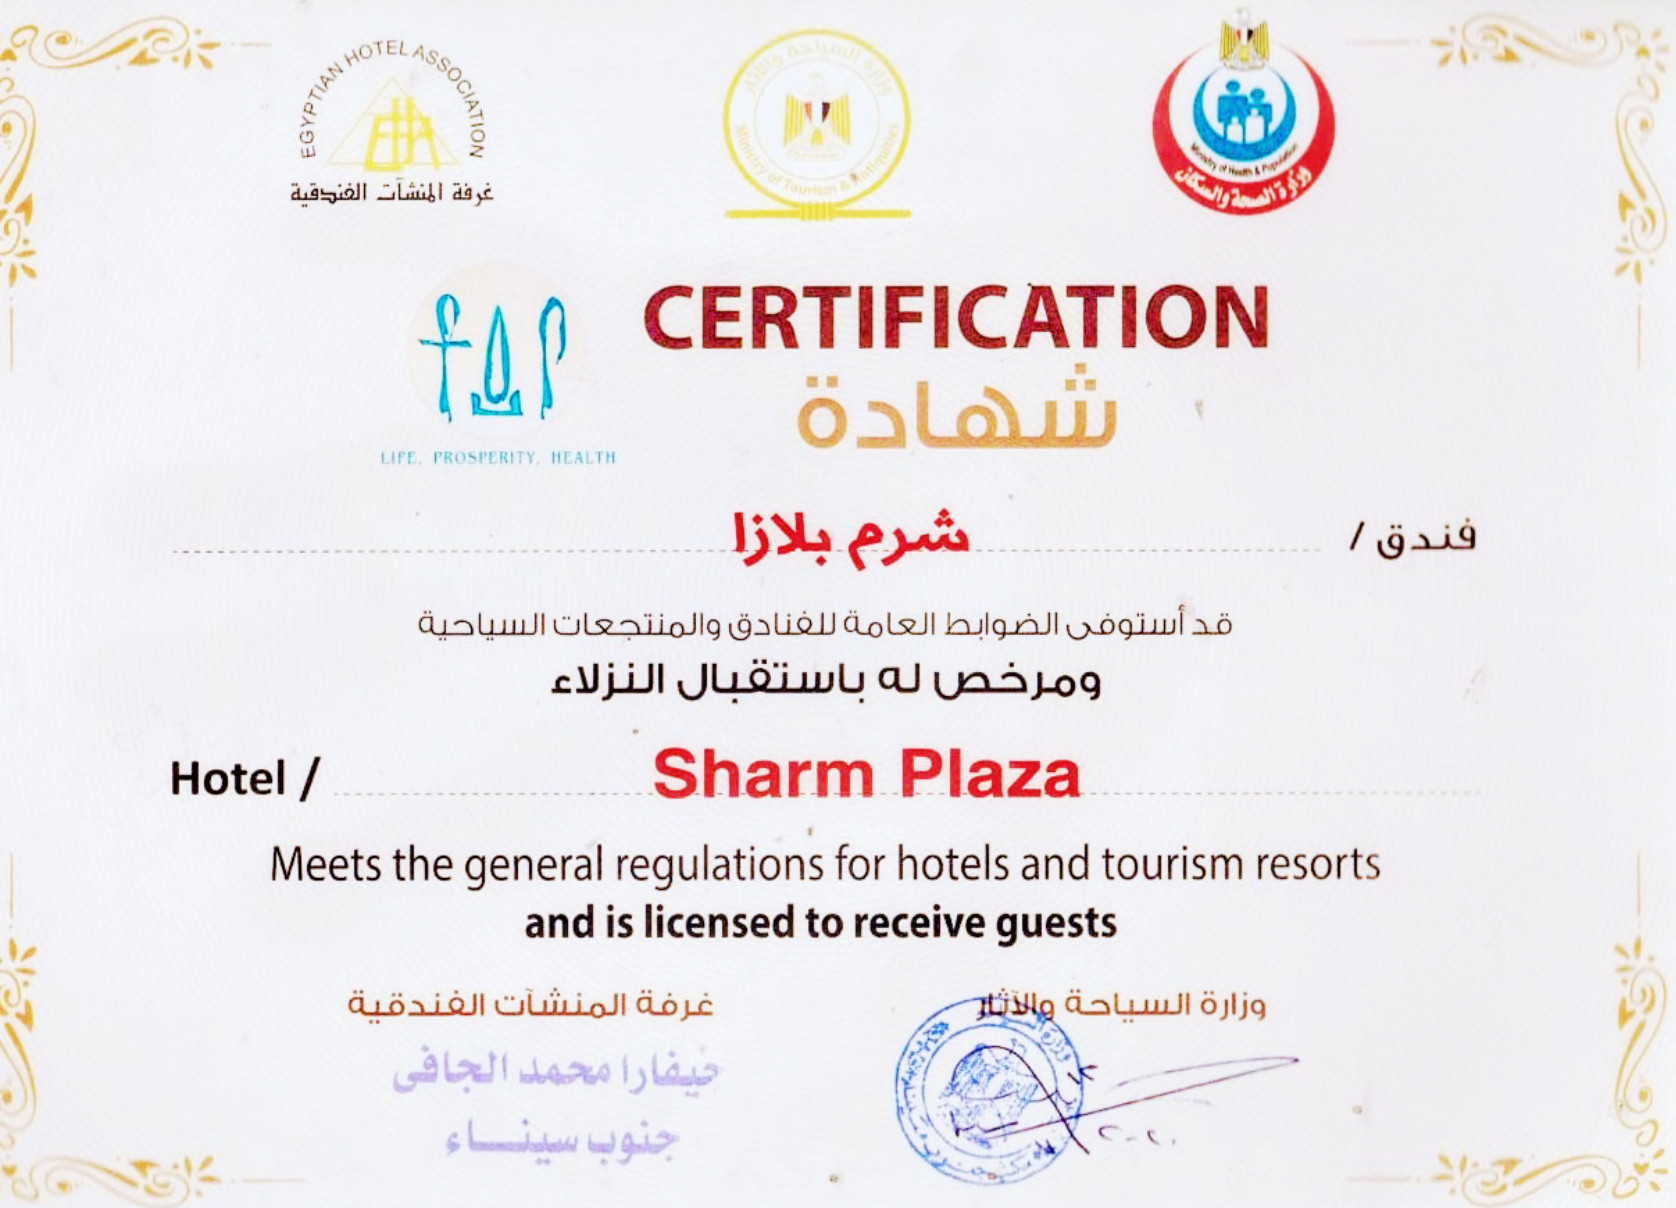 Sicherheitszertifikat vom Sharm Plaza in Sharm El Sheikh